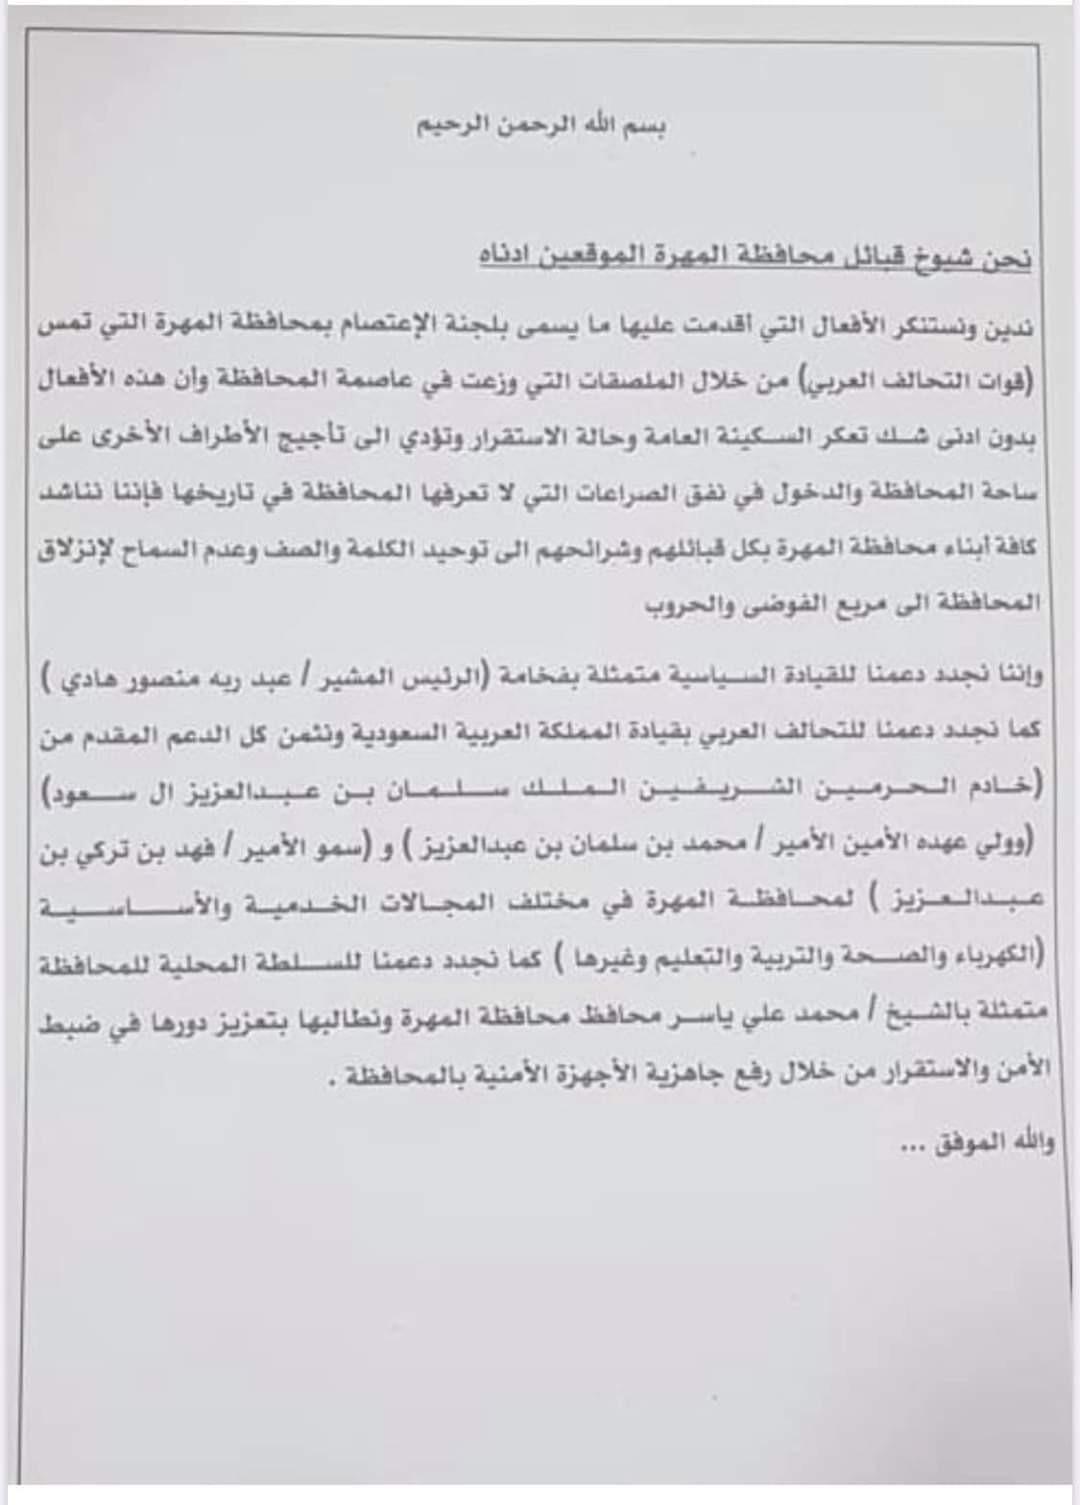 مشايخ و أعيان المهرة يصدرون بيانا ضد لجنة الاعتصام في المحافظة(وثائق )